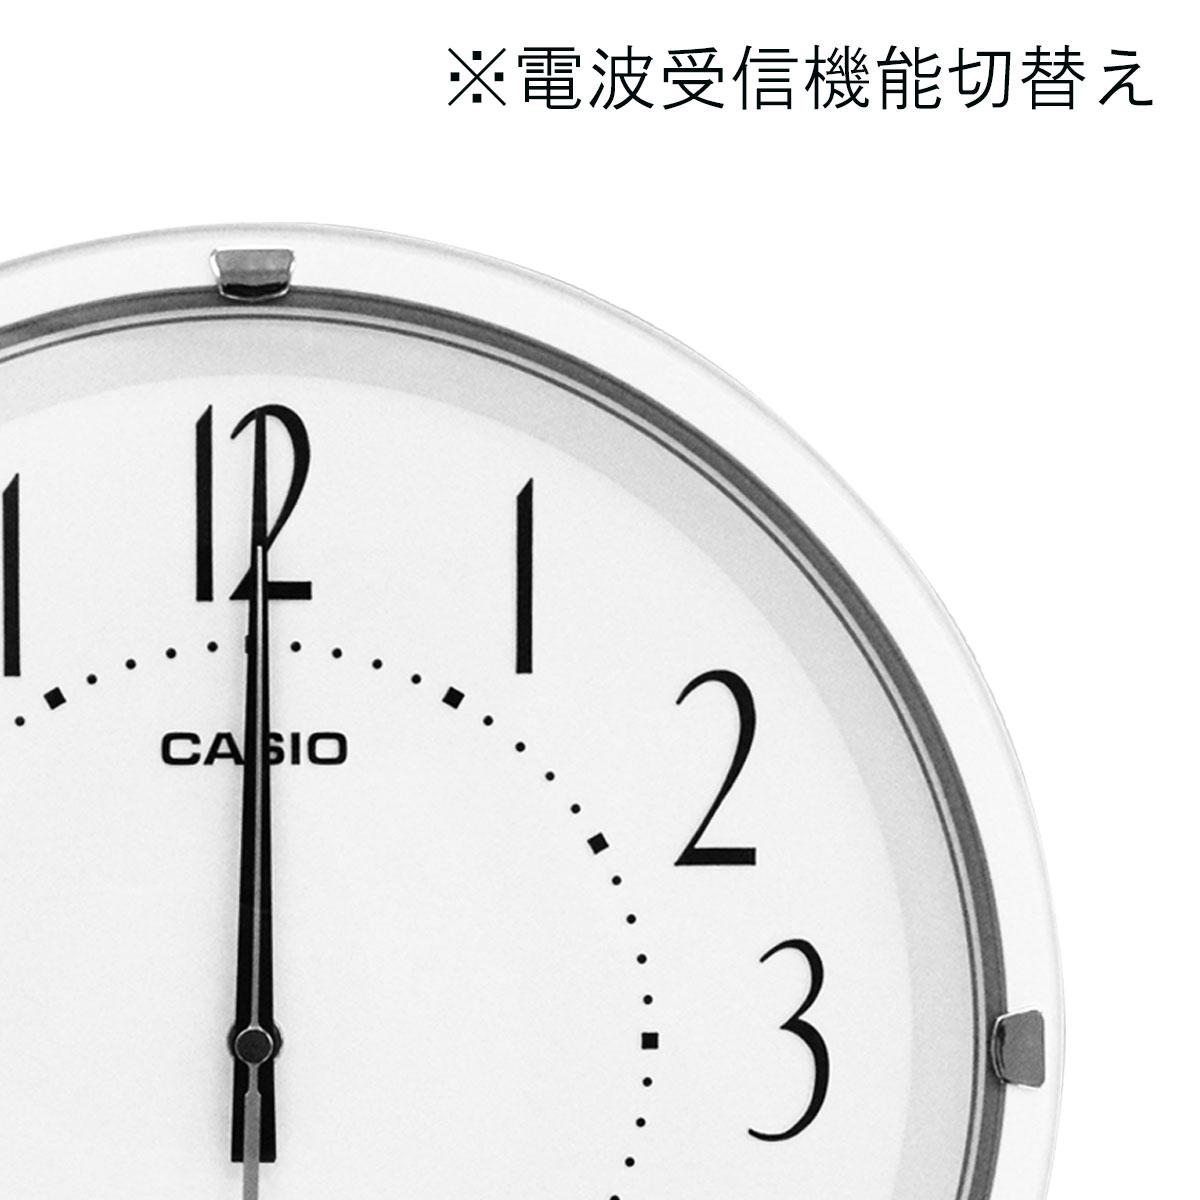 カシオ スタンダード電波掛時計 IQ-1006J-7JF